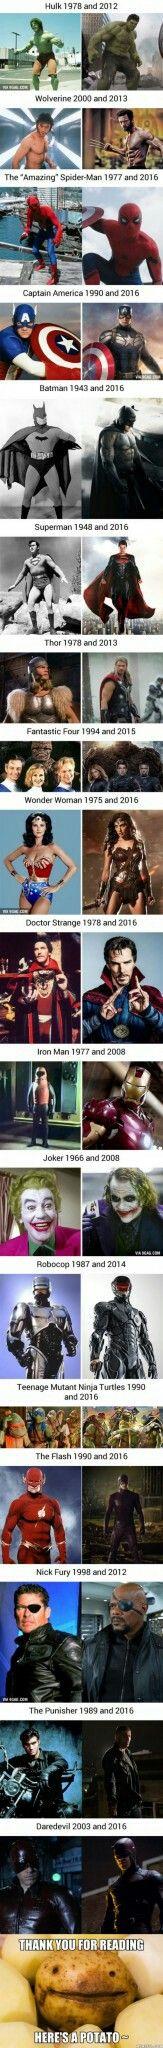 Superhéroes antes y ahora